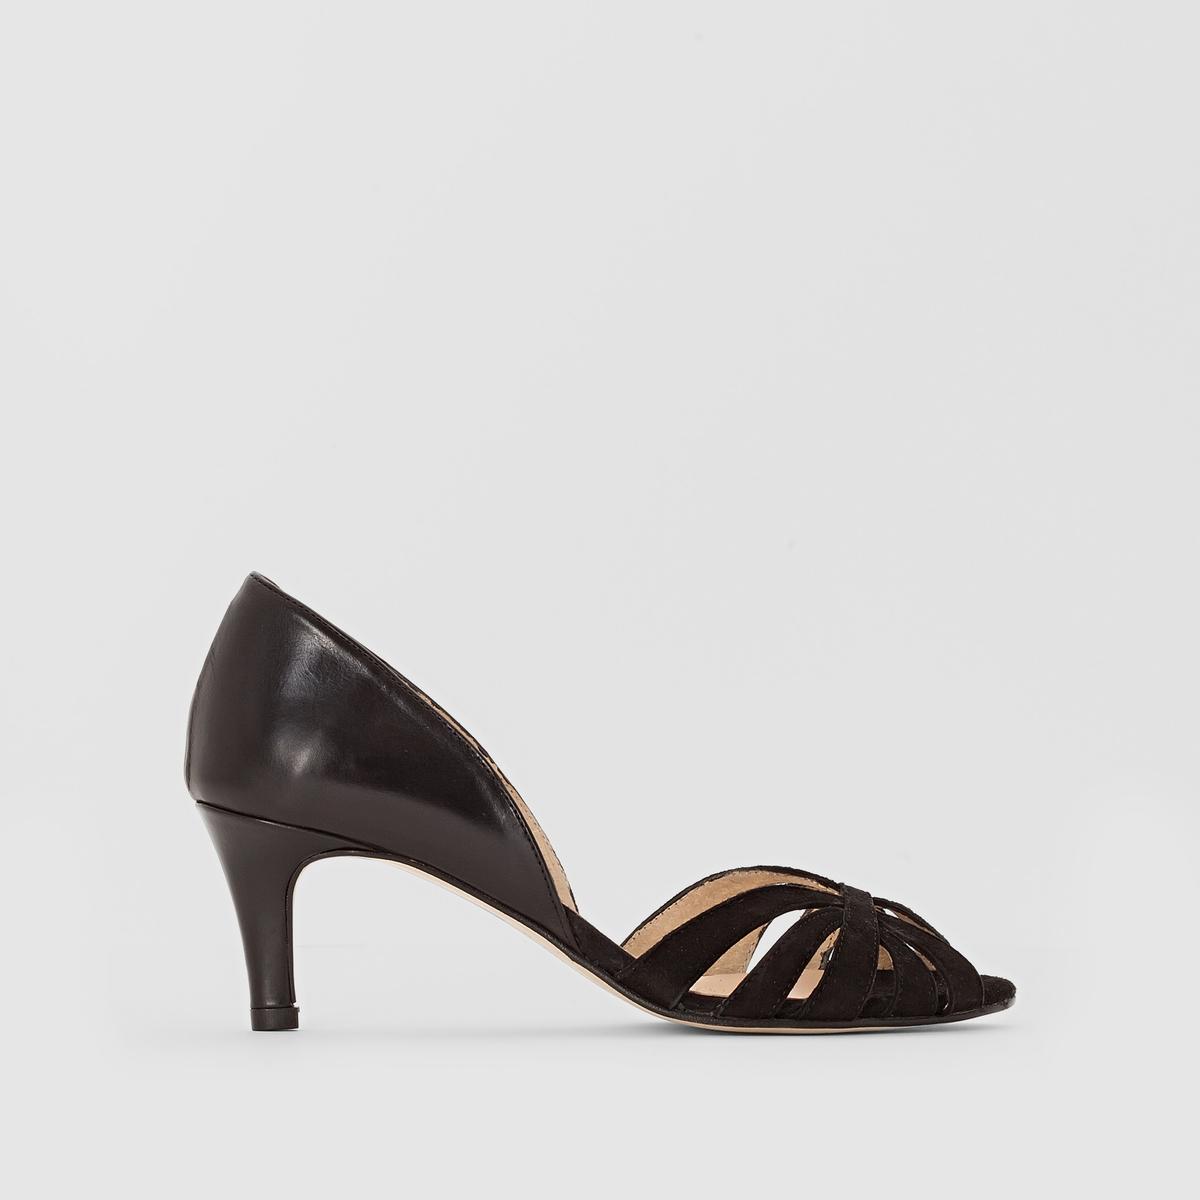 Туфли из двух материаловПреимущества  : мягкое и элегантное сочетание велюра и кожи, туфли JONAK станут обязательным аксессуаром любого наряда.<br><br>Цвет: черный